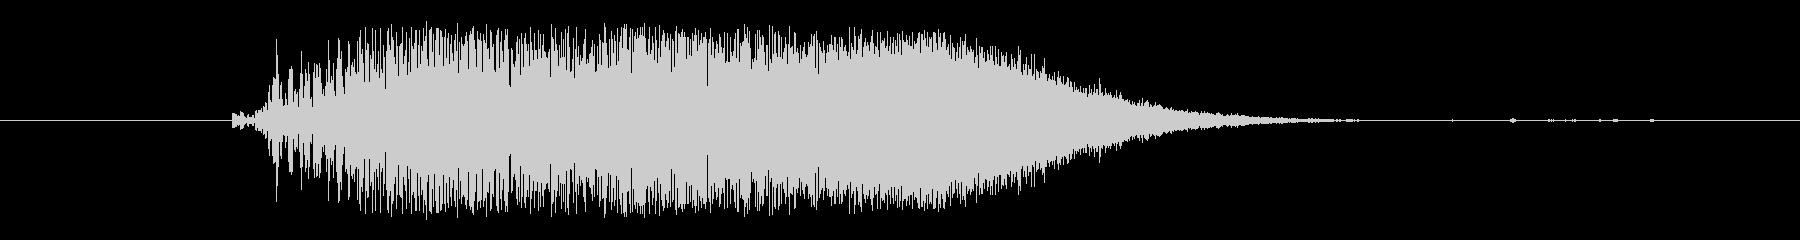 剣 スクイーズ01の未再生の波形